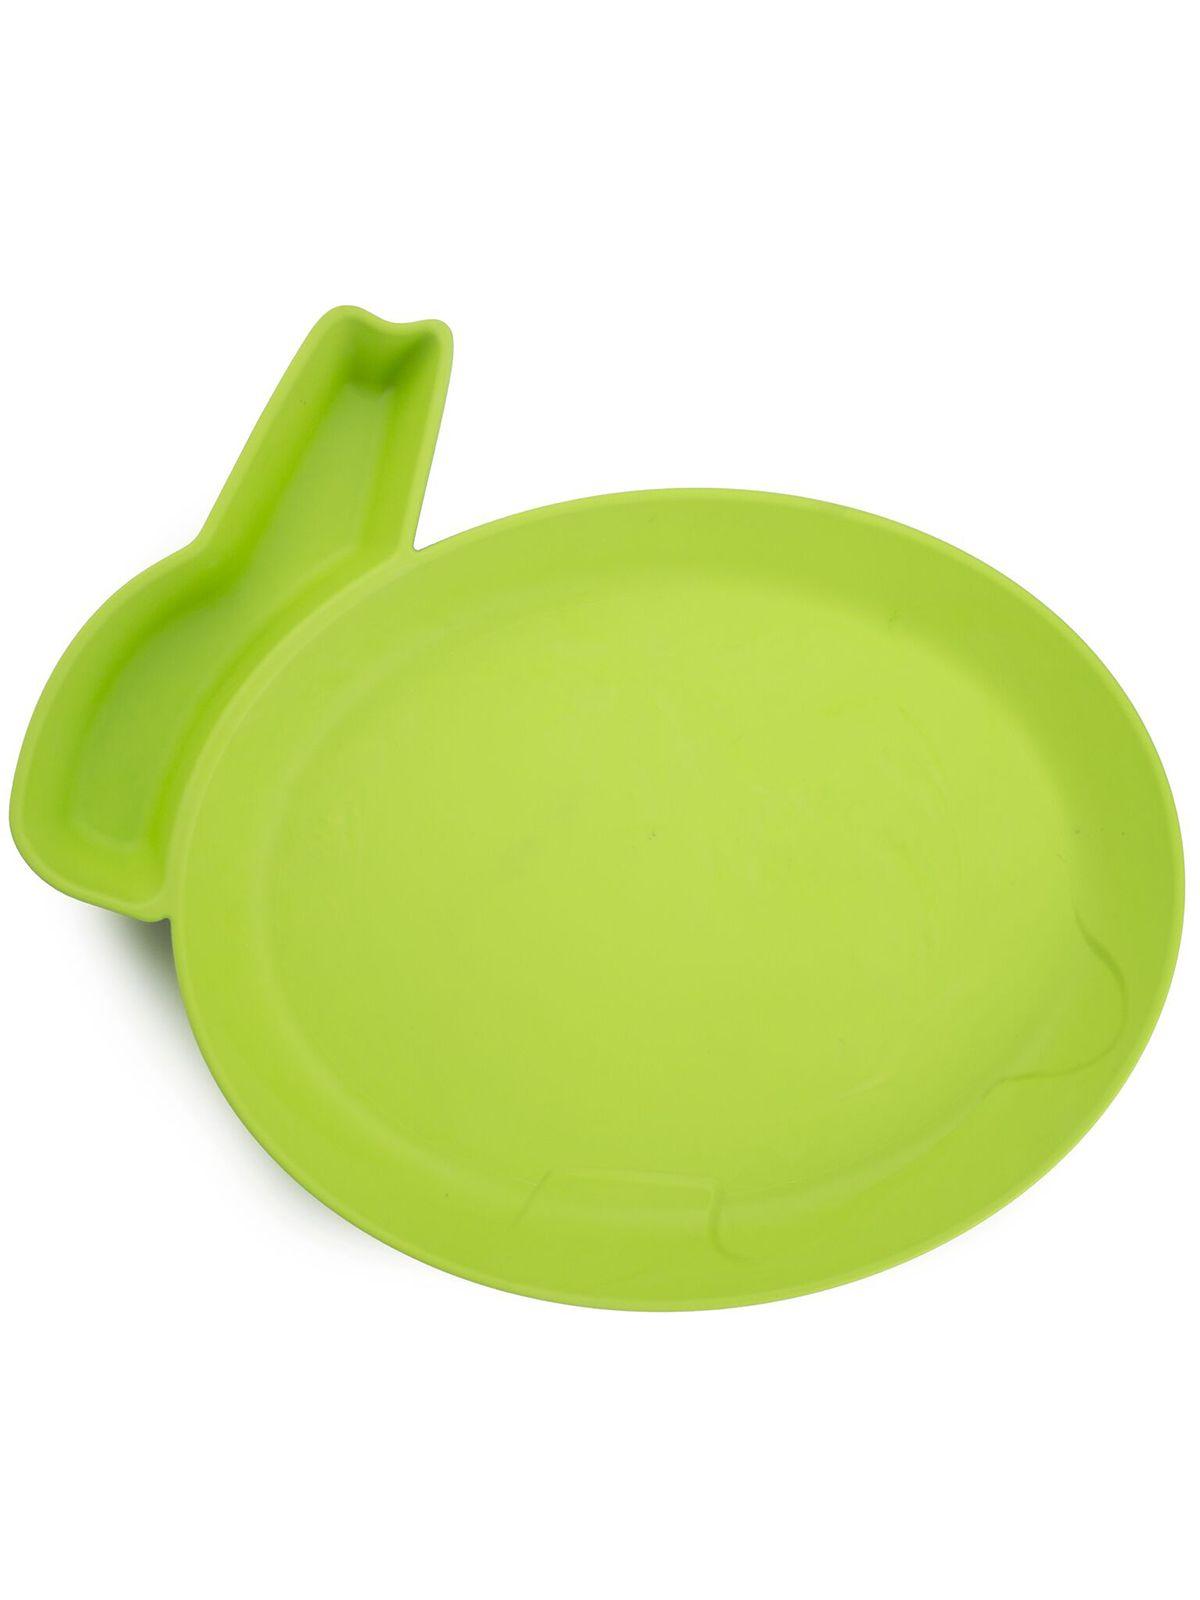 Пинкл (Pinkl) | Детская тарелка для кормления dipPLATEs зеленый кролик | Jjrabbit Dipplate Rabbit Green